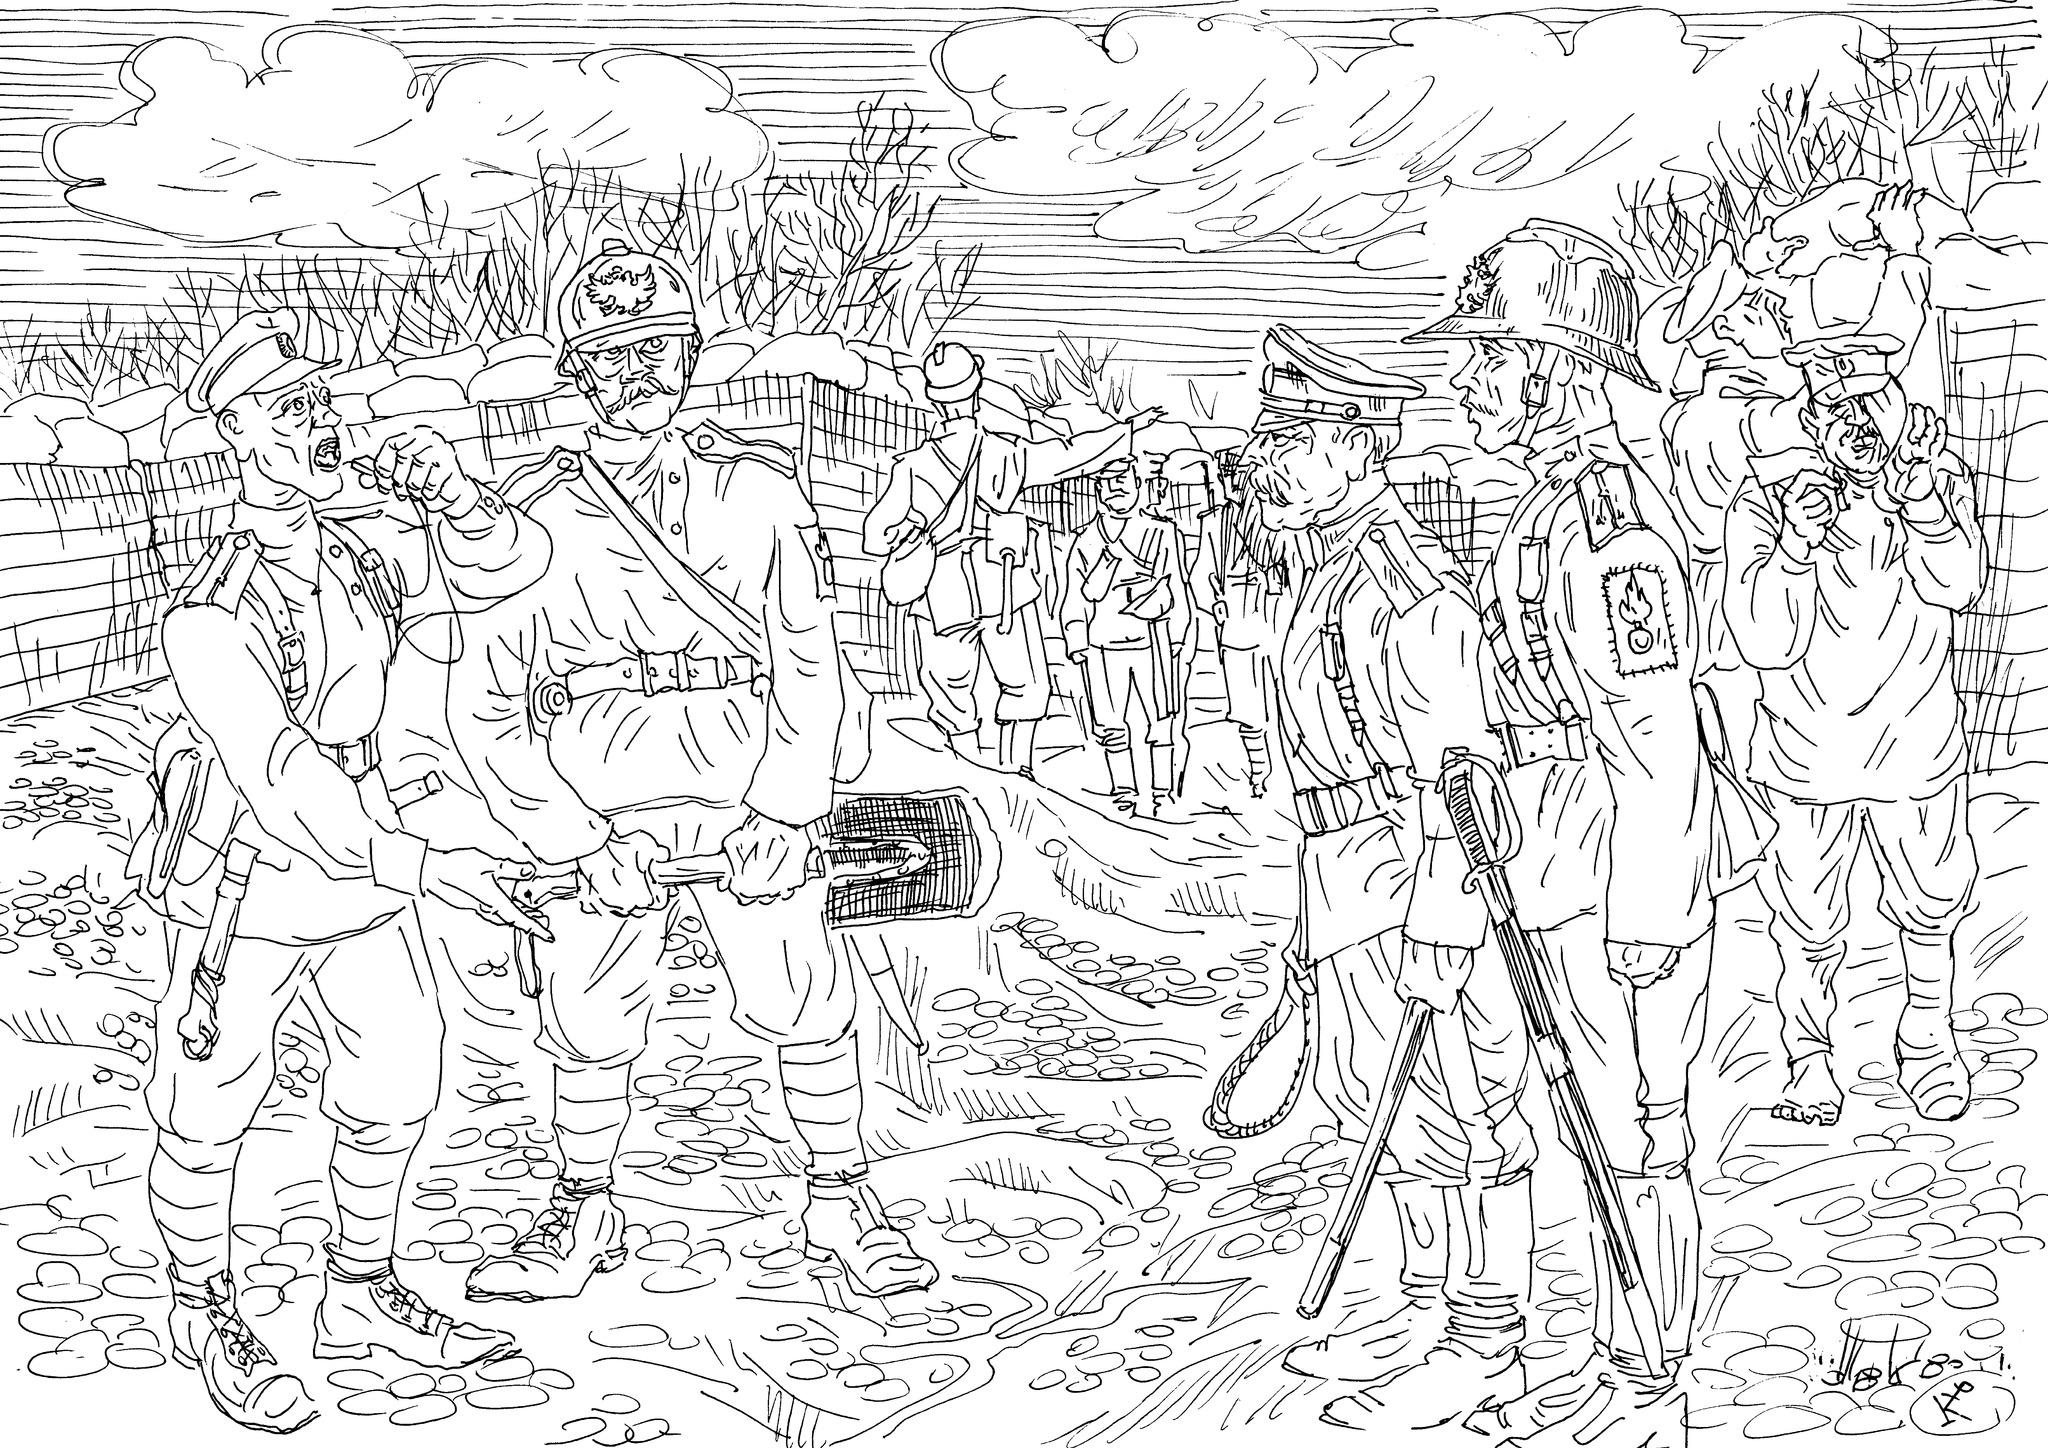 Прапорщик-гренадер инструктирует рослого кавалергарда-поручика и есаула-казака